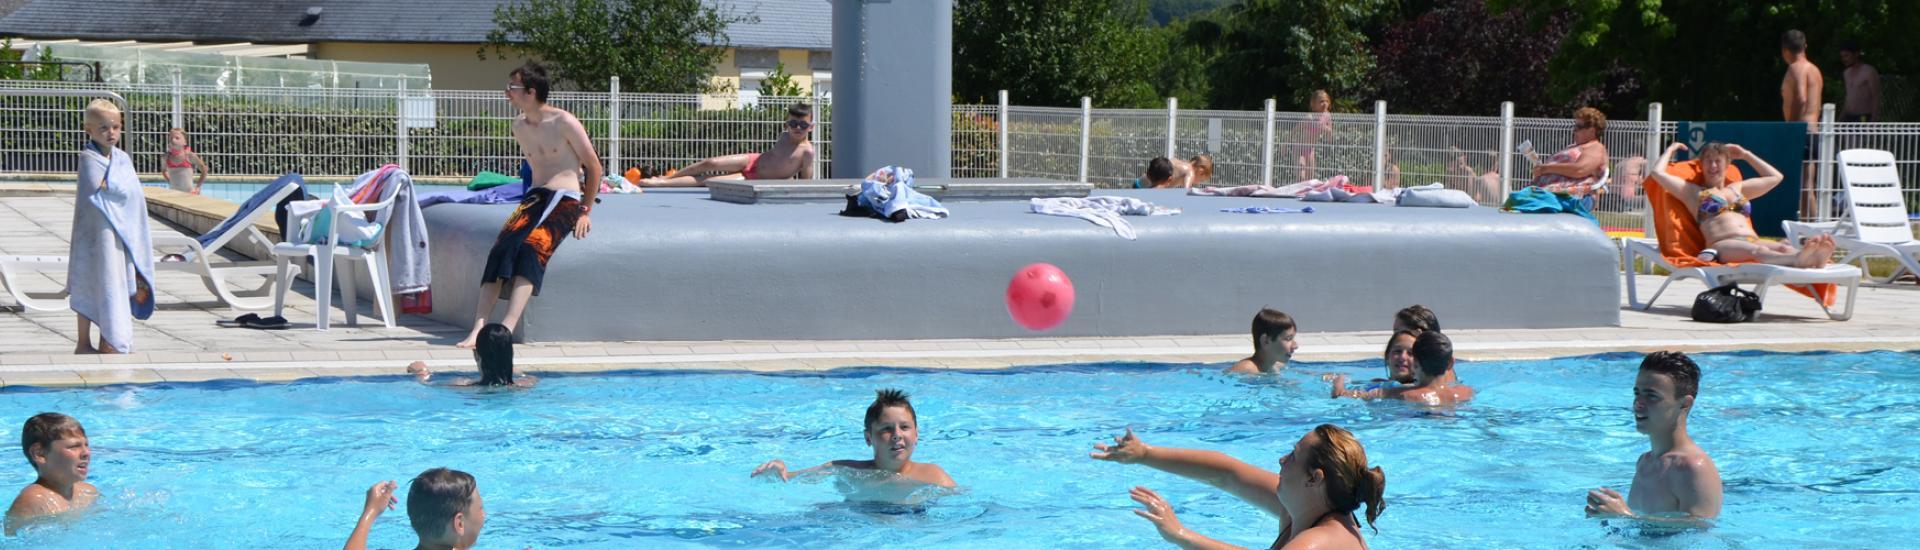 La piscine de Sainte-Suzanne-et-Chammes dans les Coëvrons